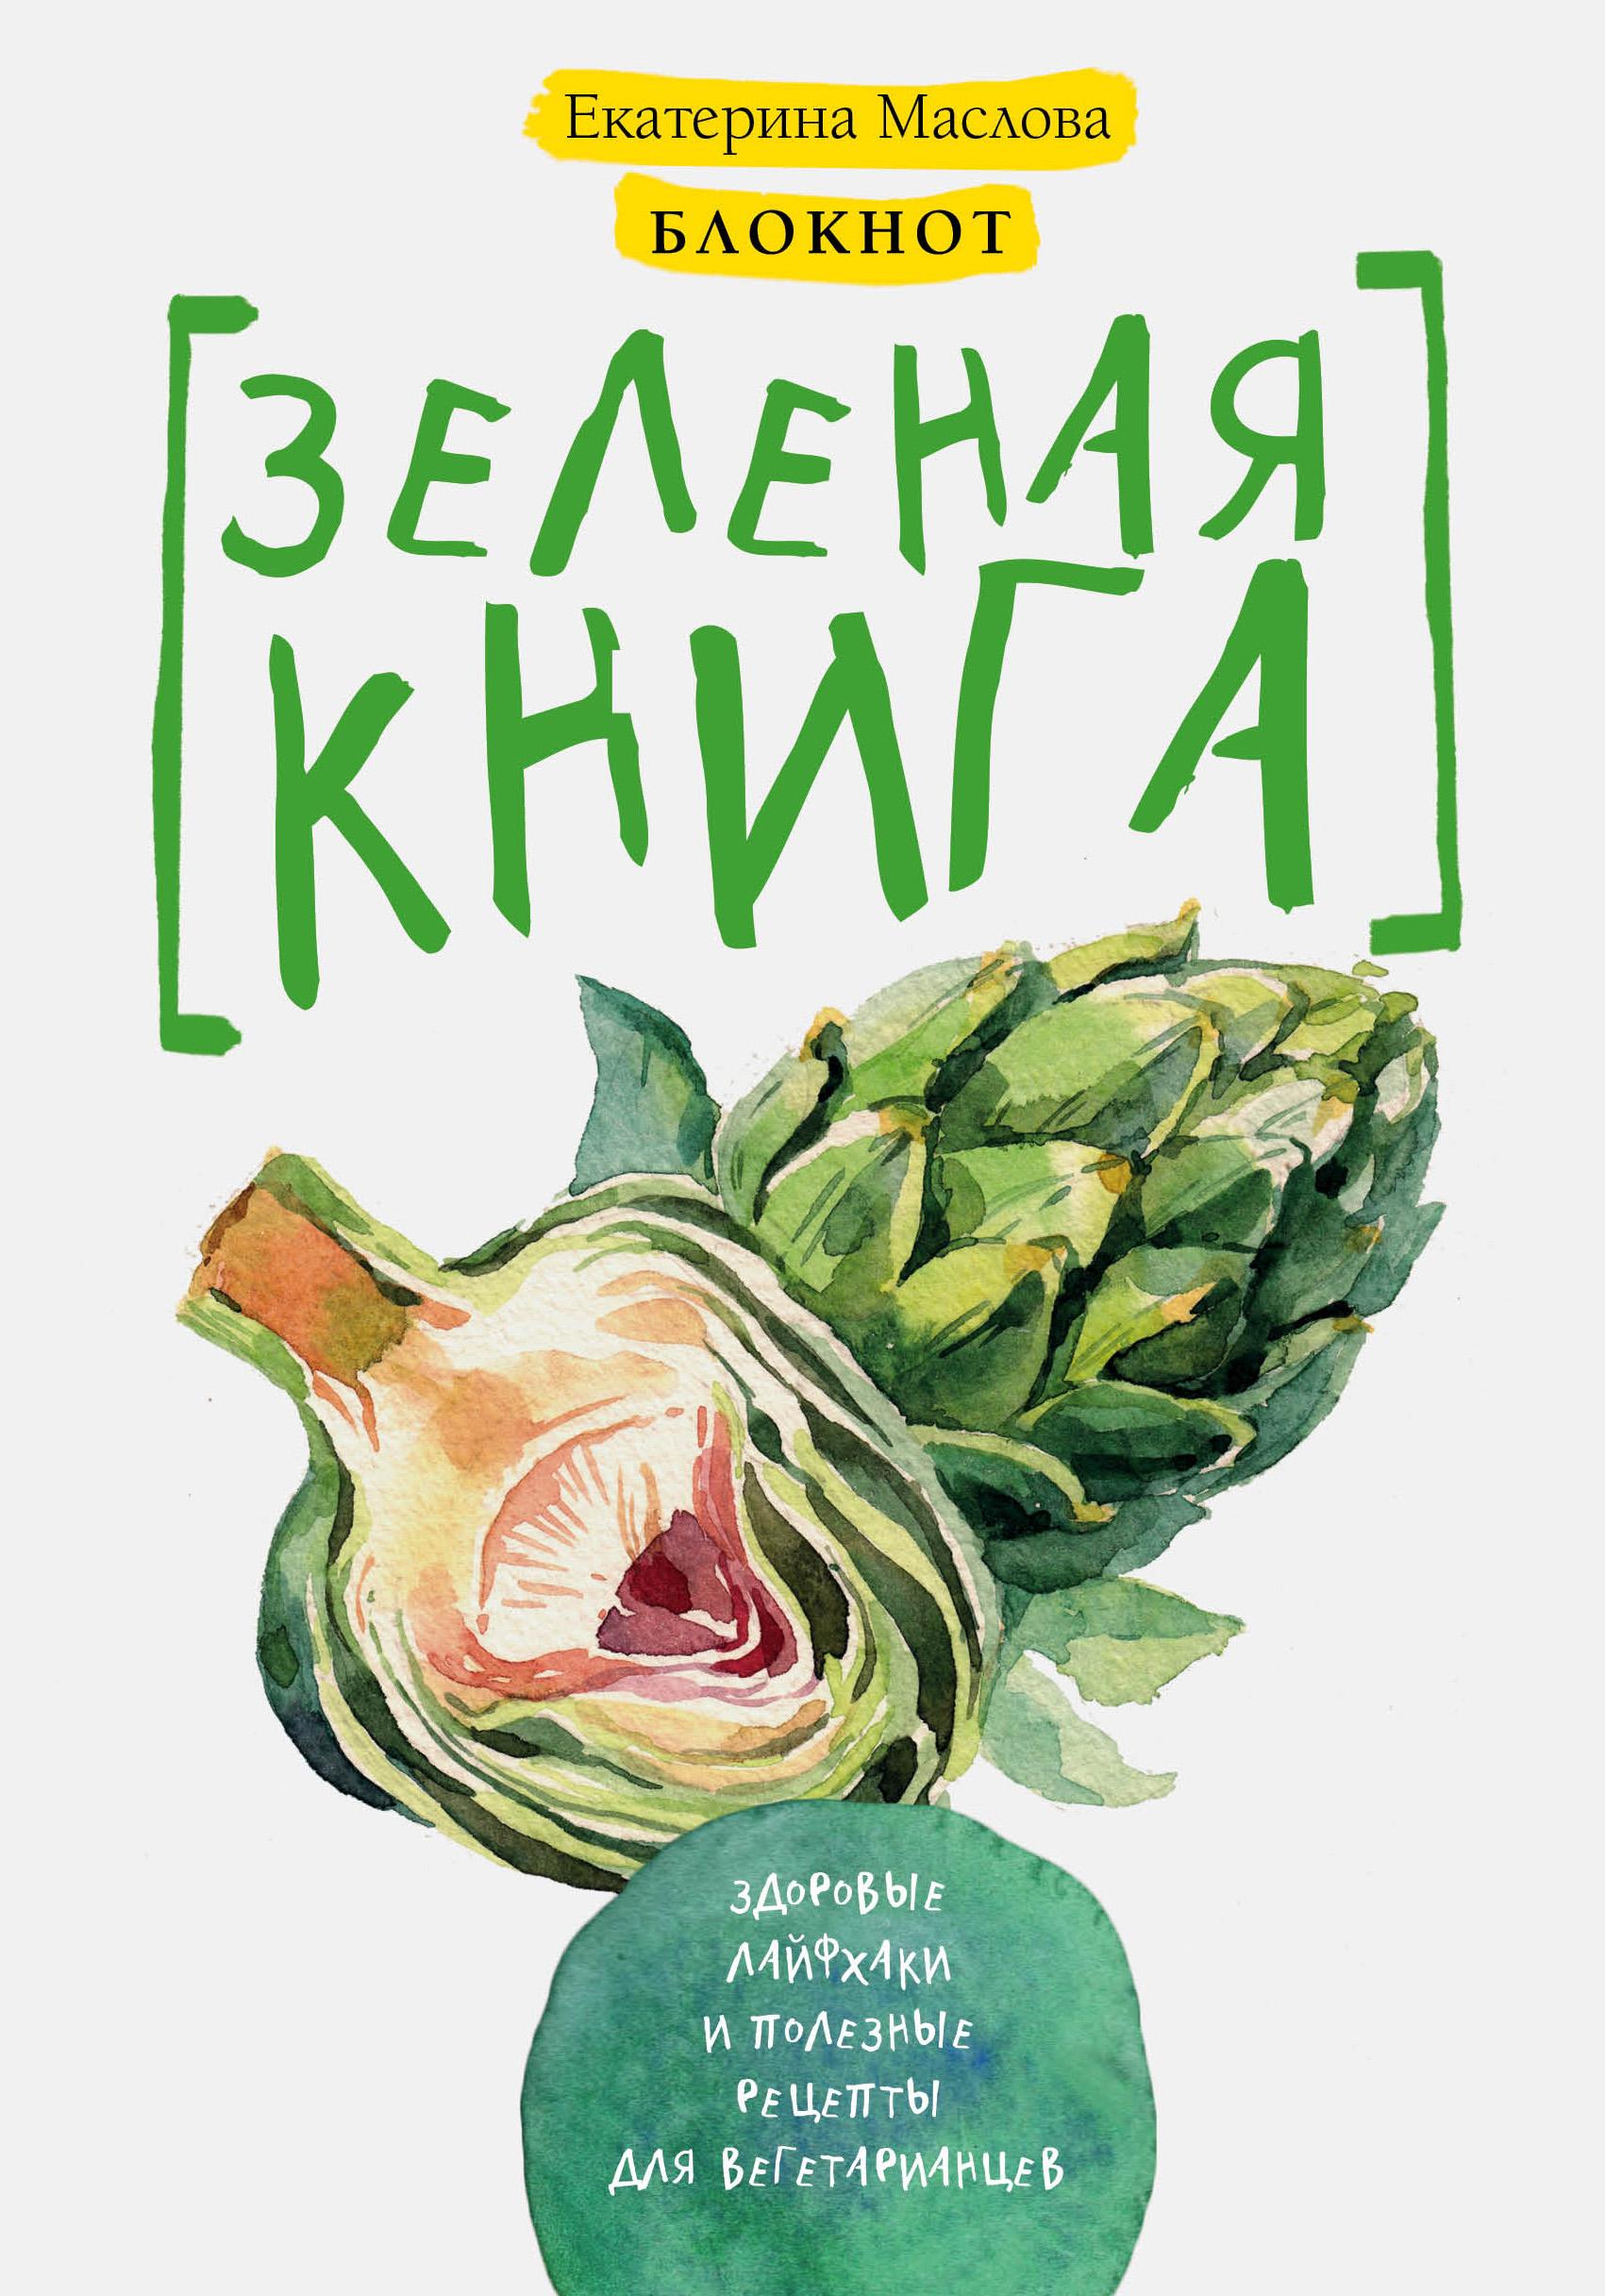 Маслова Екатерина Блокнот для записи рецептов. Зеленая книга. Здоровые лайфхаки и полезные рецепты для вегетарианцев